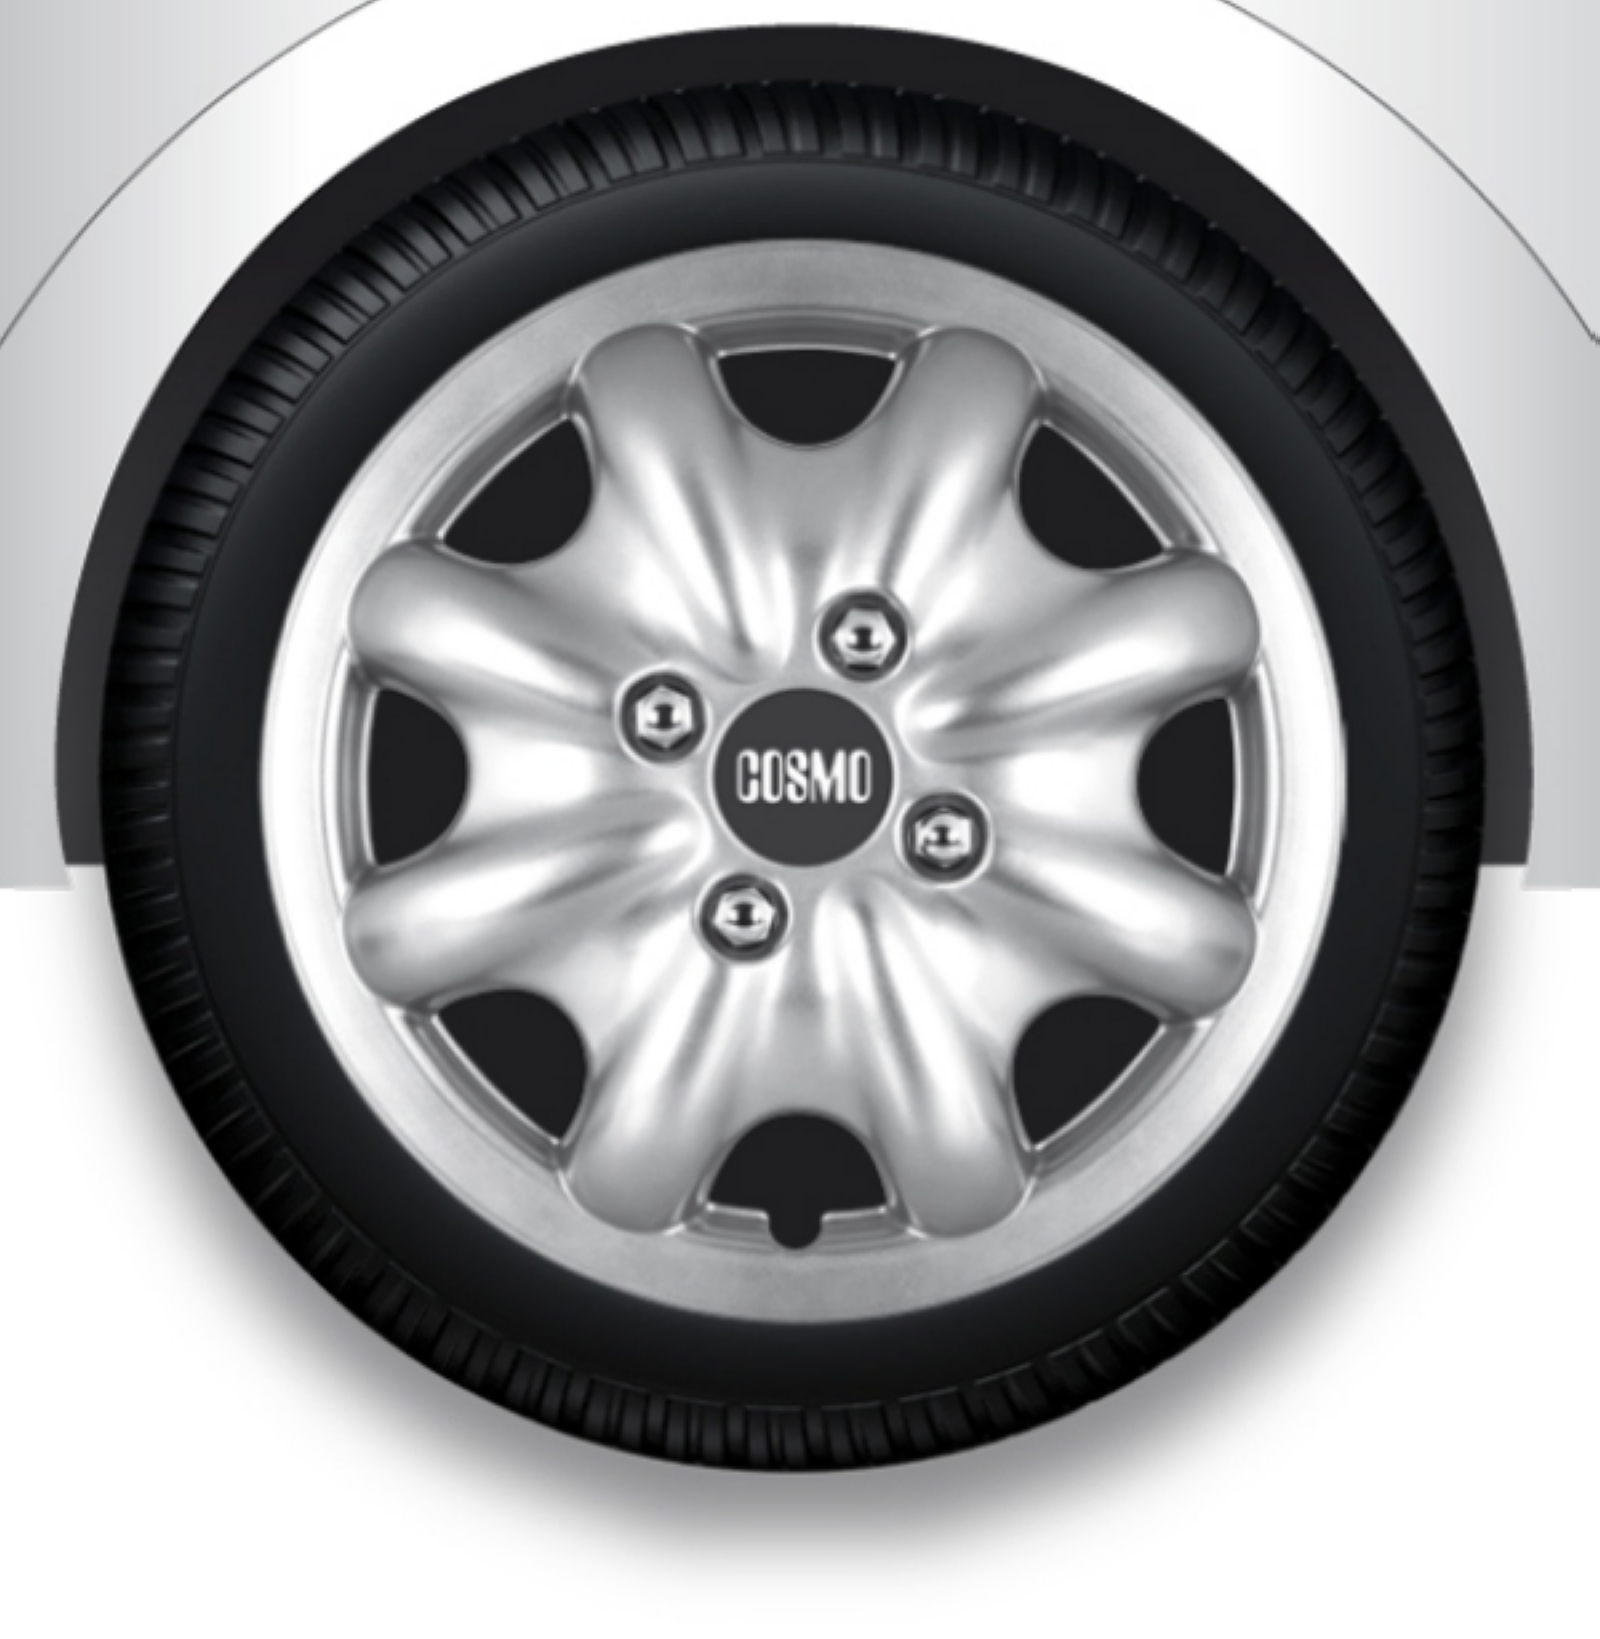 Колпаки колесные Argo Cosmo green R14 купить.